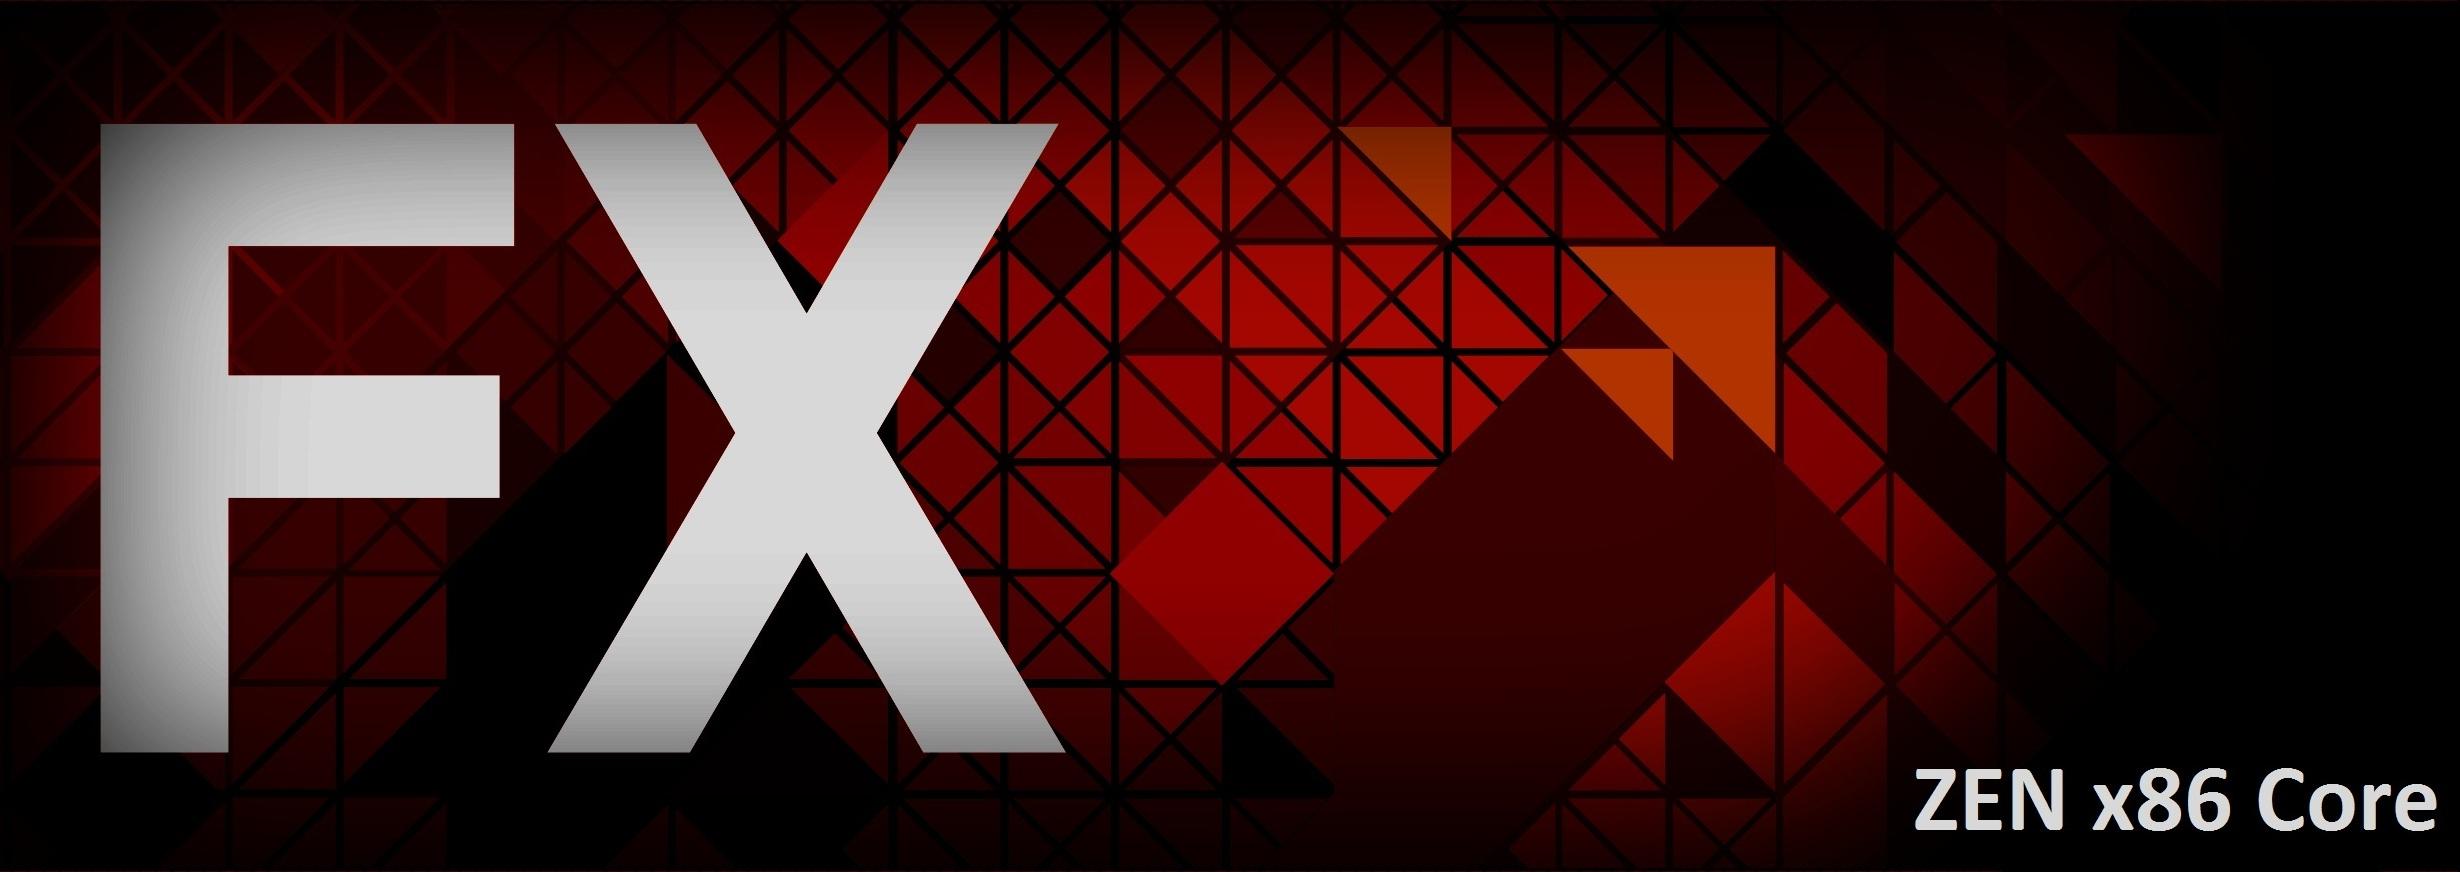 AMD annonce un APU Zen avec des performances similaires à la PS4